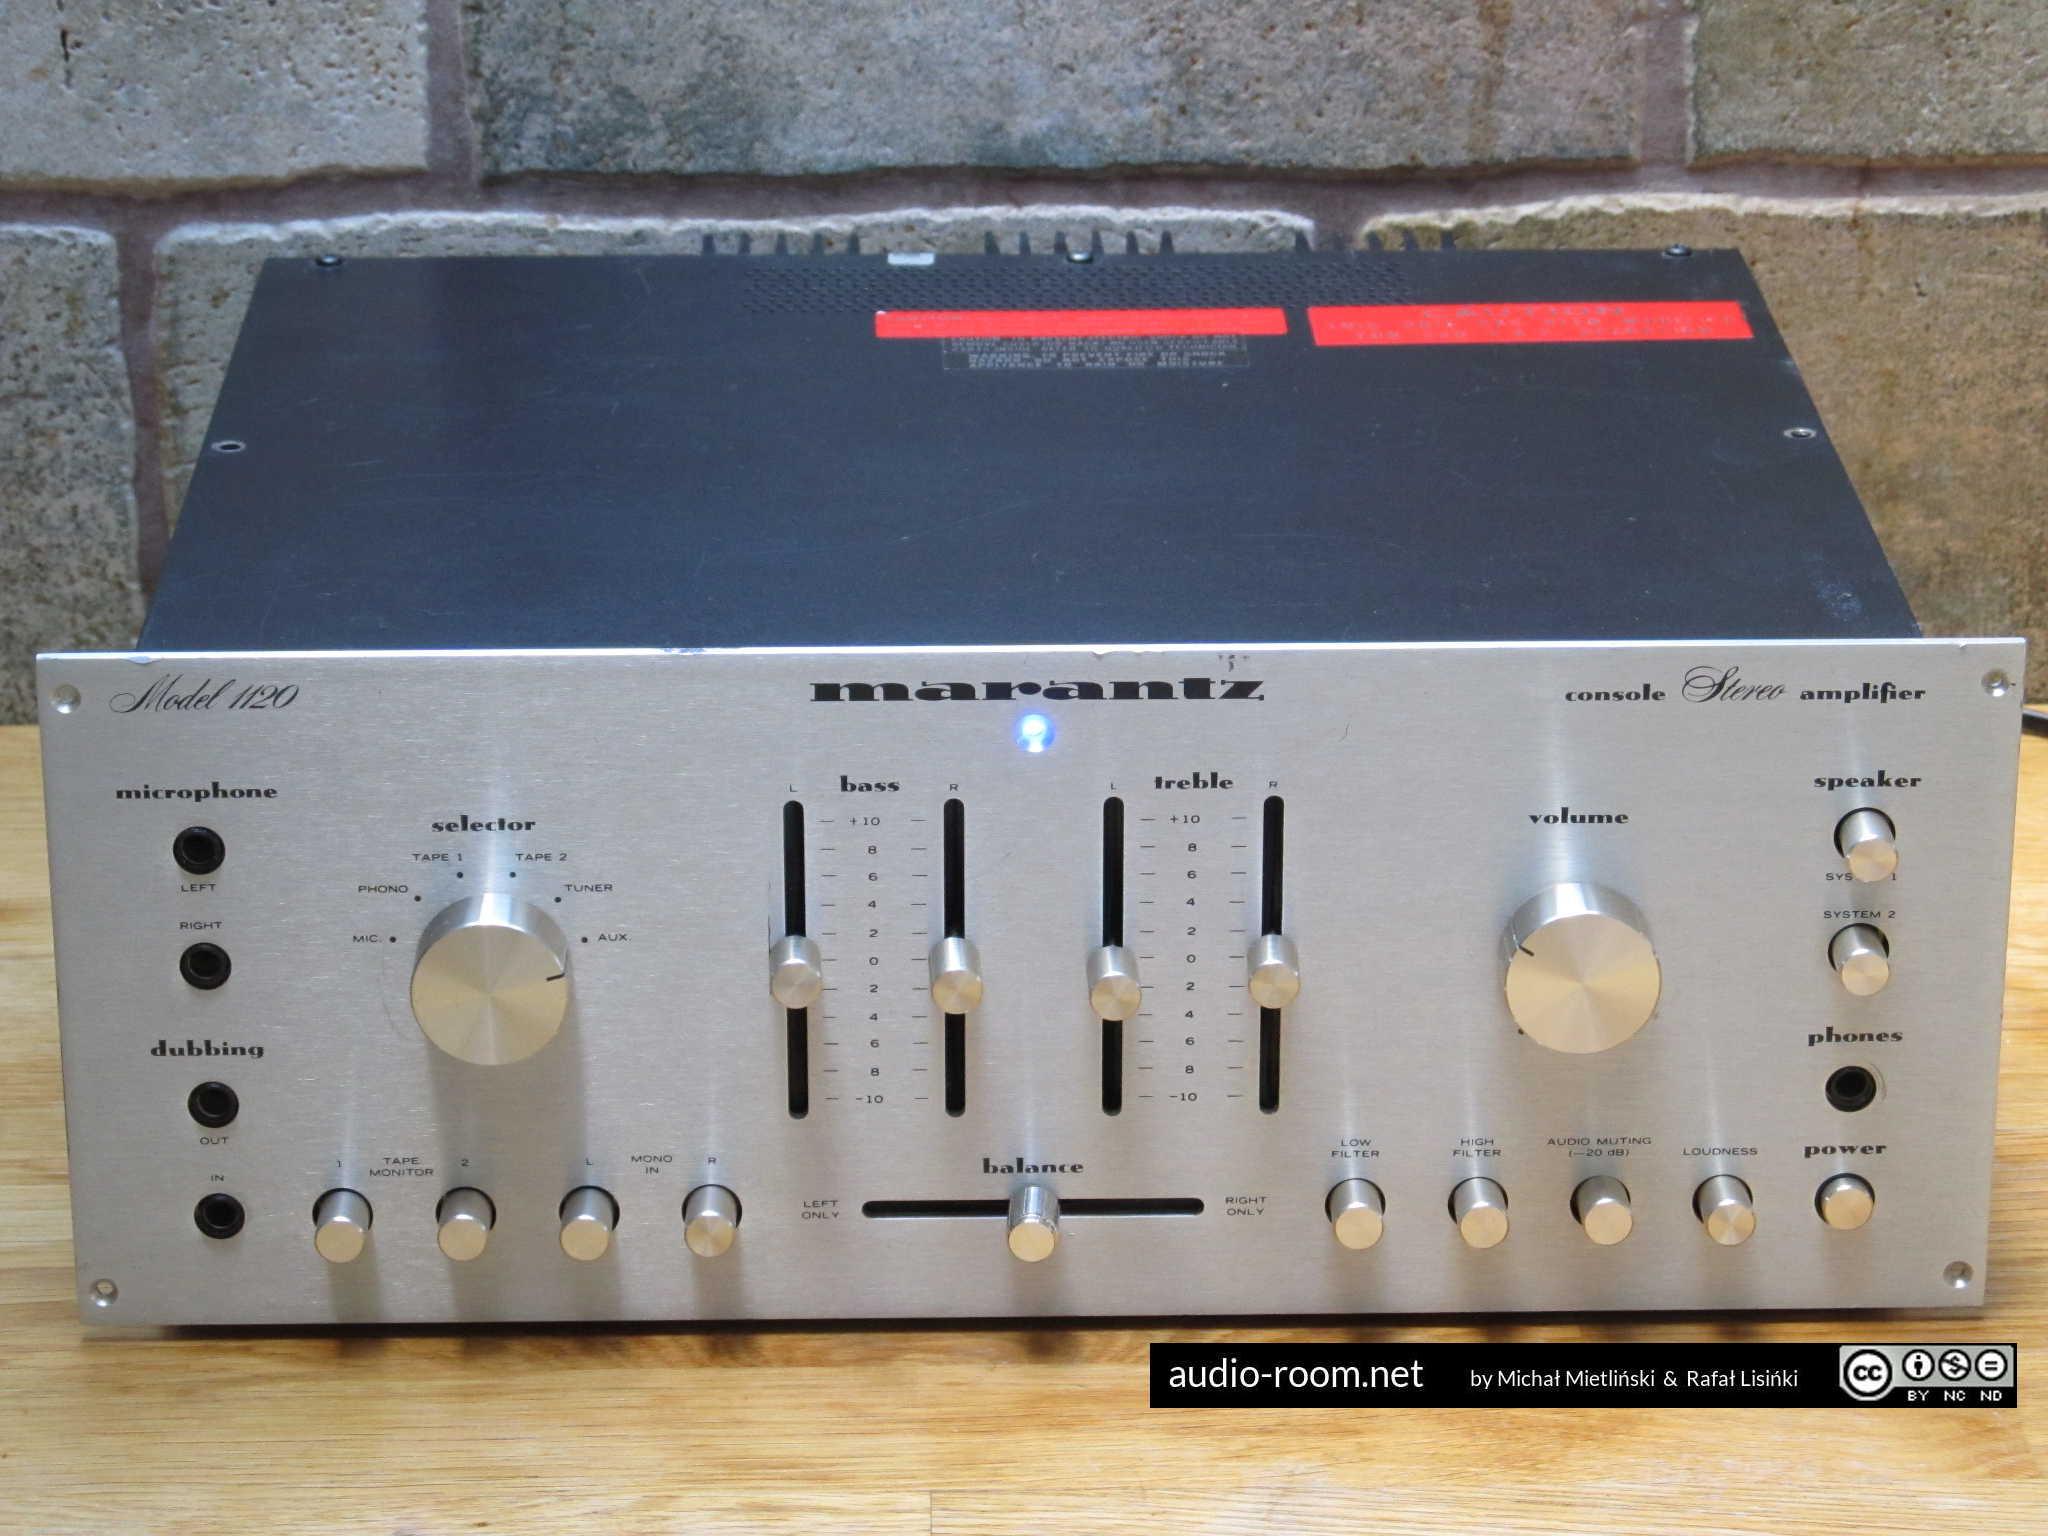 marantz-model-1120-dimg_80022